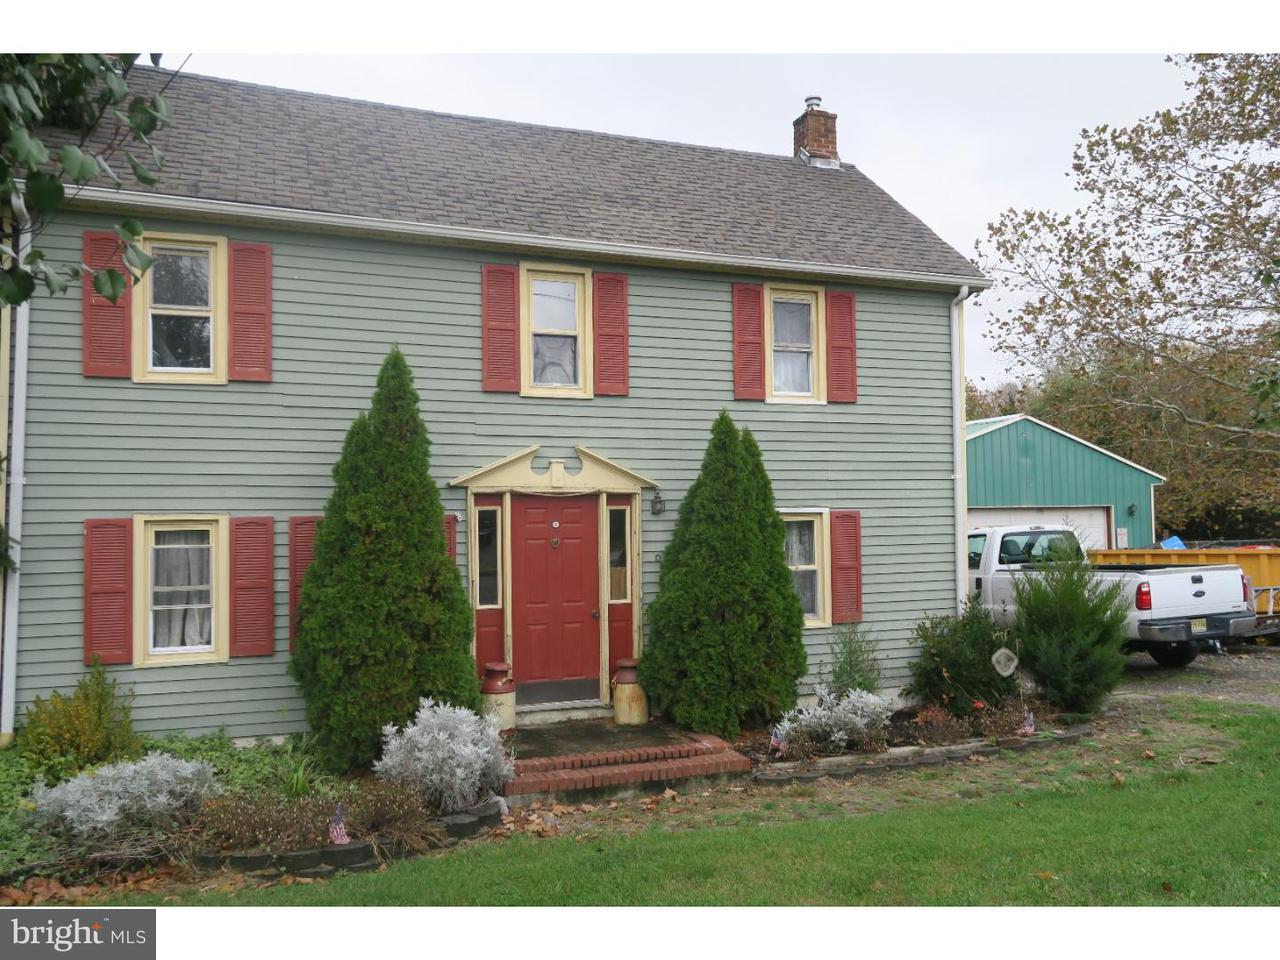 Einfamilienhaus für Verkauf beim 6 BUNTING BRIDGE Road Cookstown, New Jersey 08511 Vereinigte Staaten